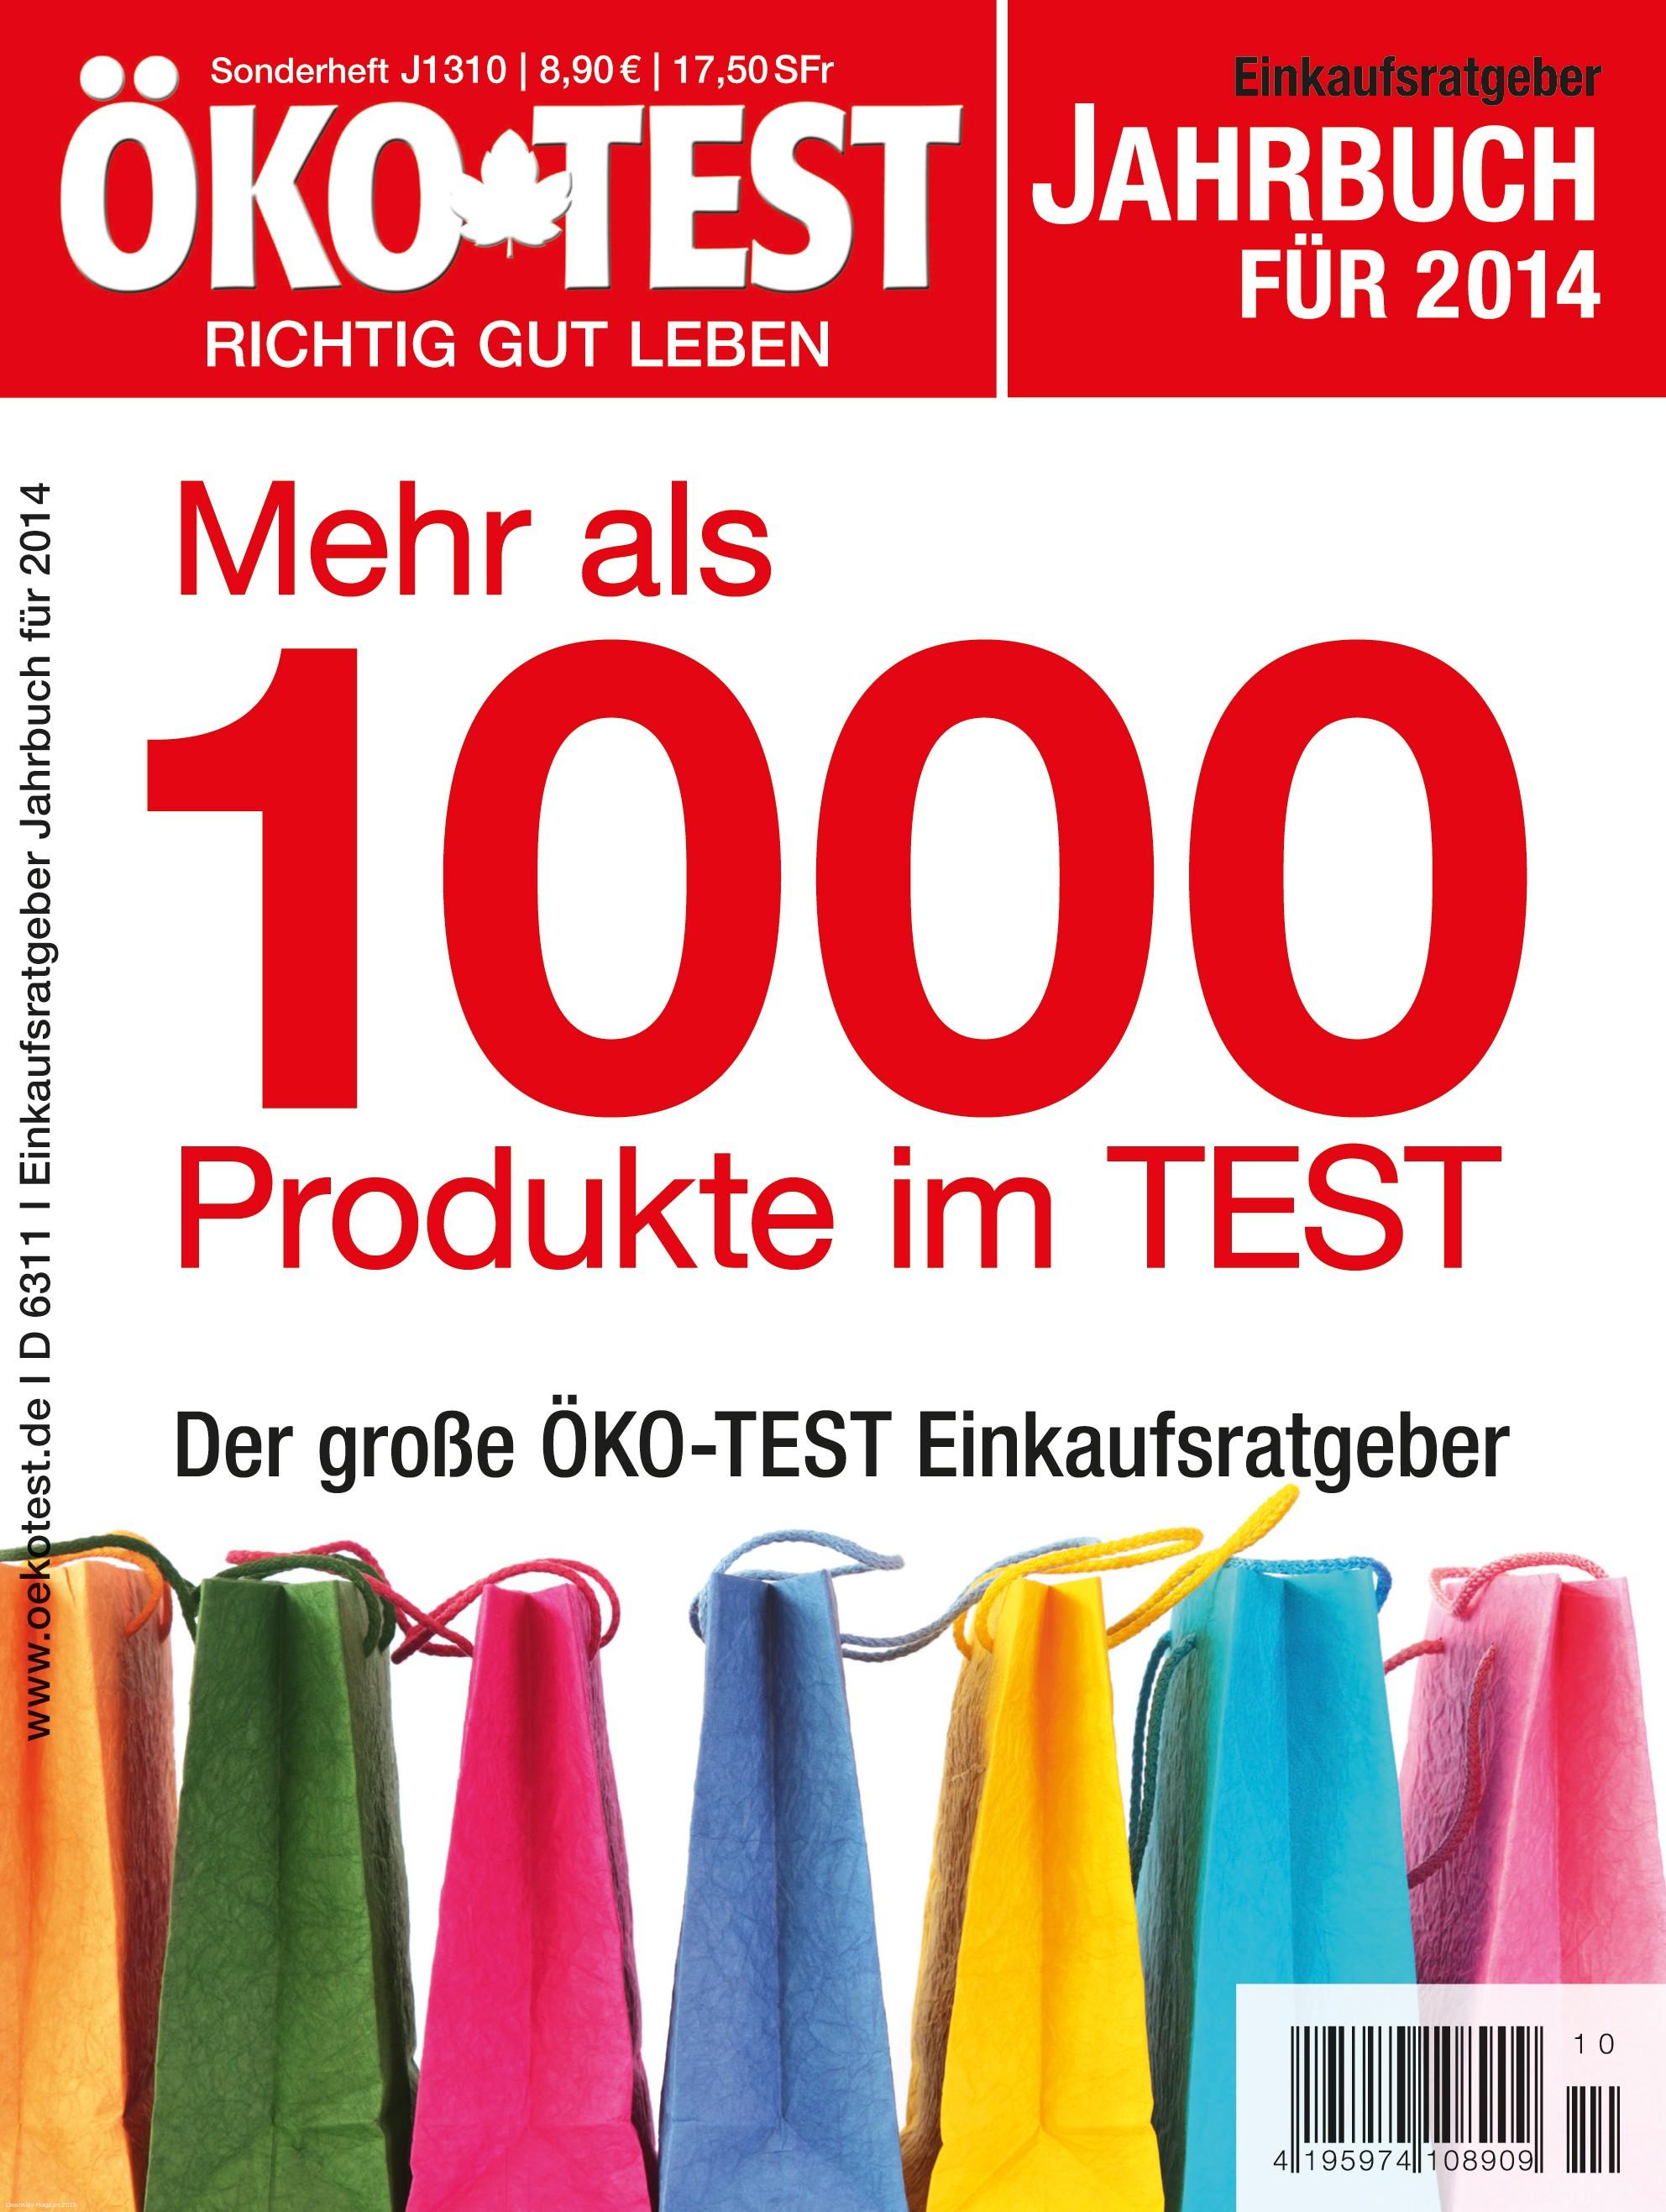 ko test jahrbuch f r 2014 mehr als 1000 produkte im test cleankids magazin. Black Bedroom Furniture Sets. Home Design Ideas